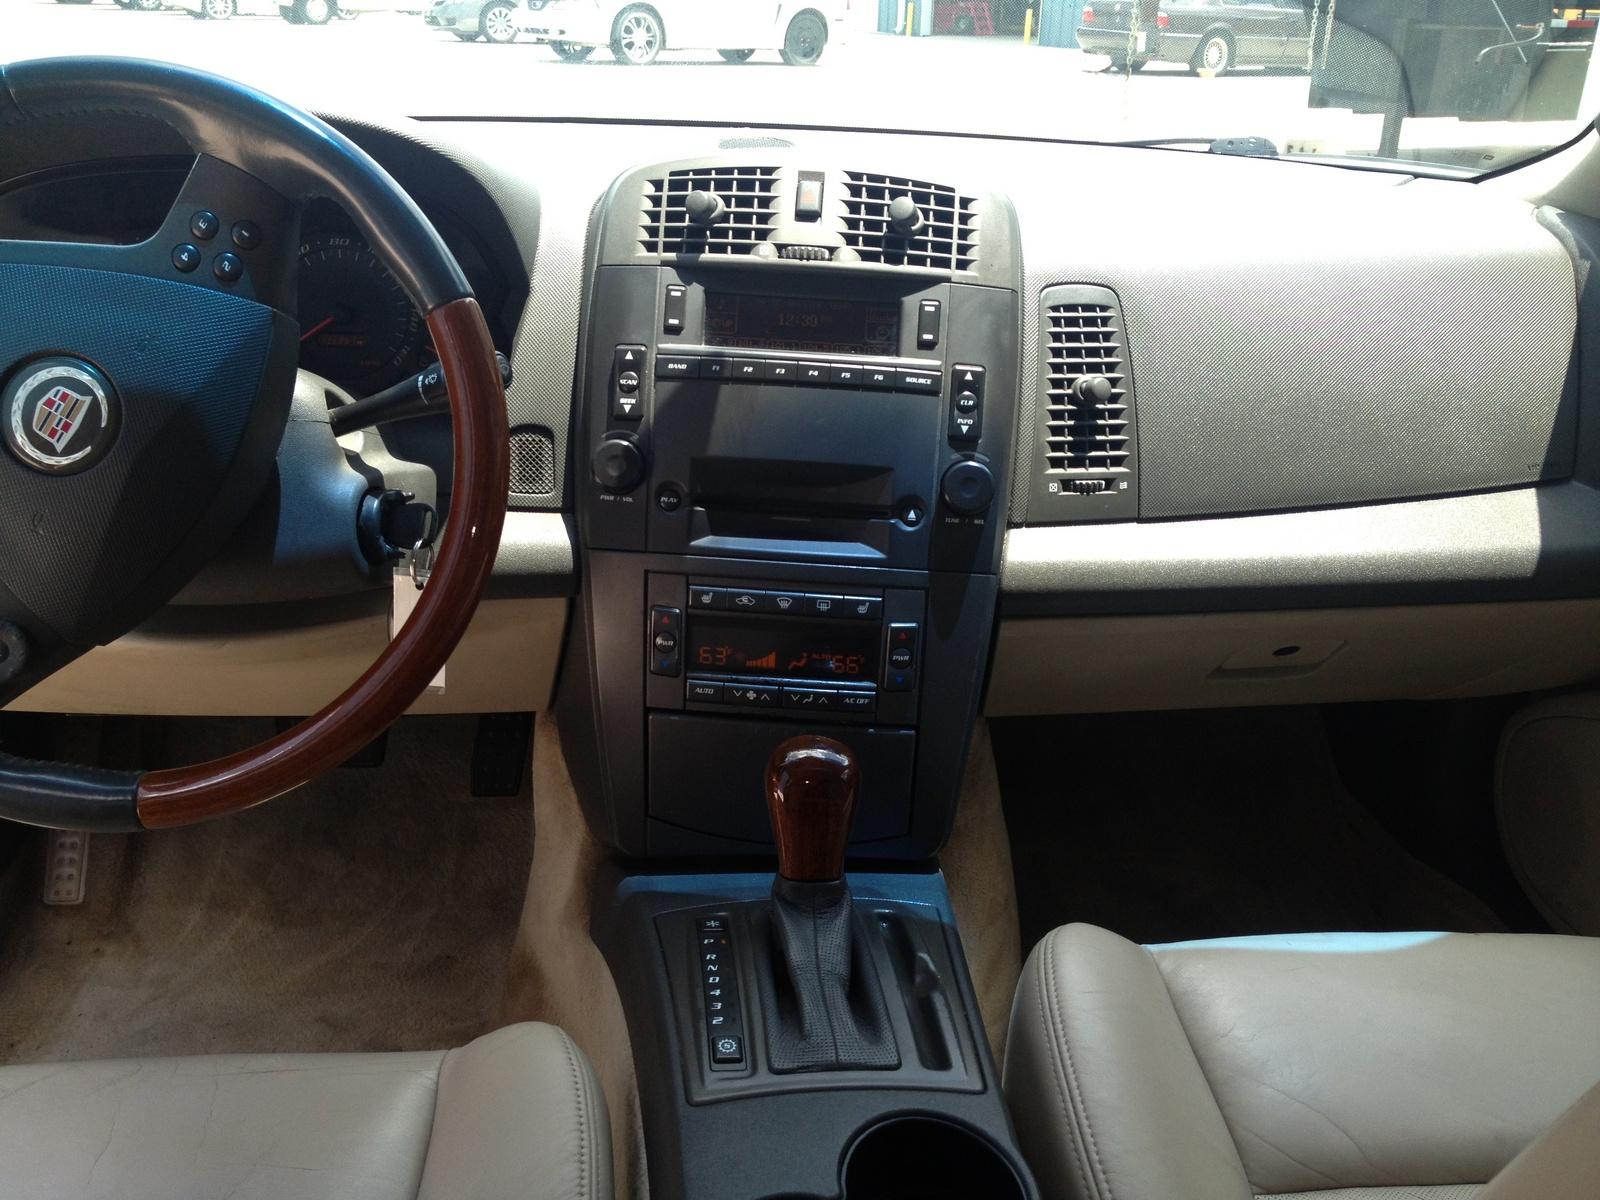 2003 Cadillac Cts Interior Pictures Cargurus